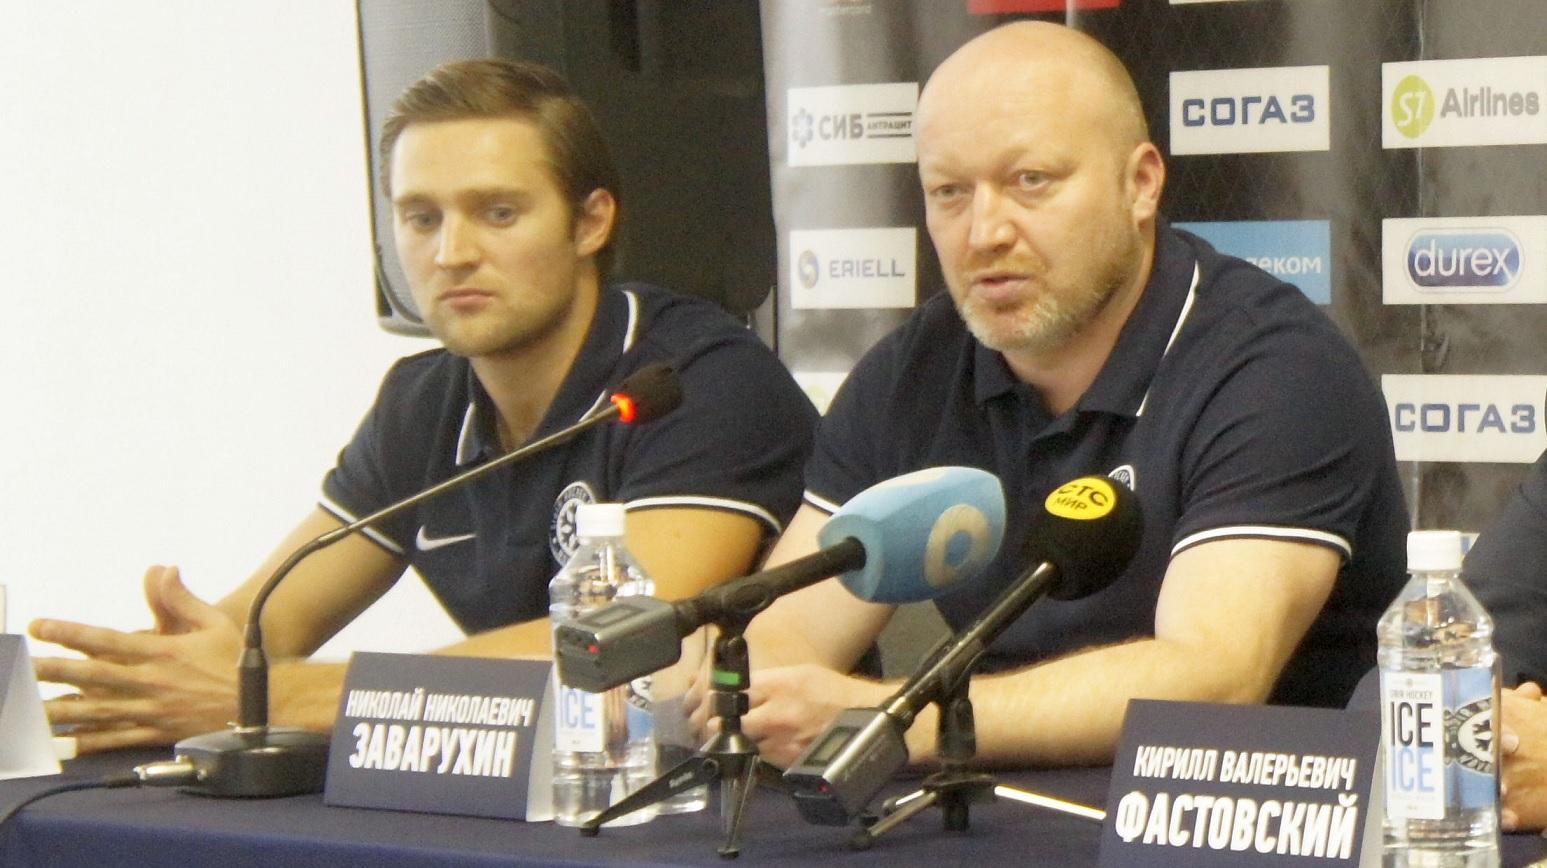 Главный тренер ХК «Сибирь» Николай Заварухин остаётся в клубе